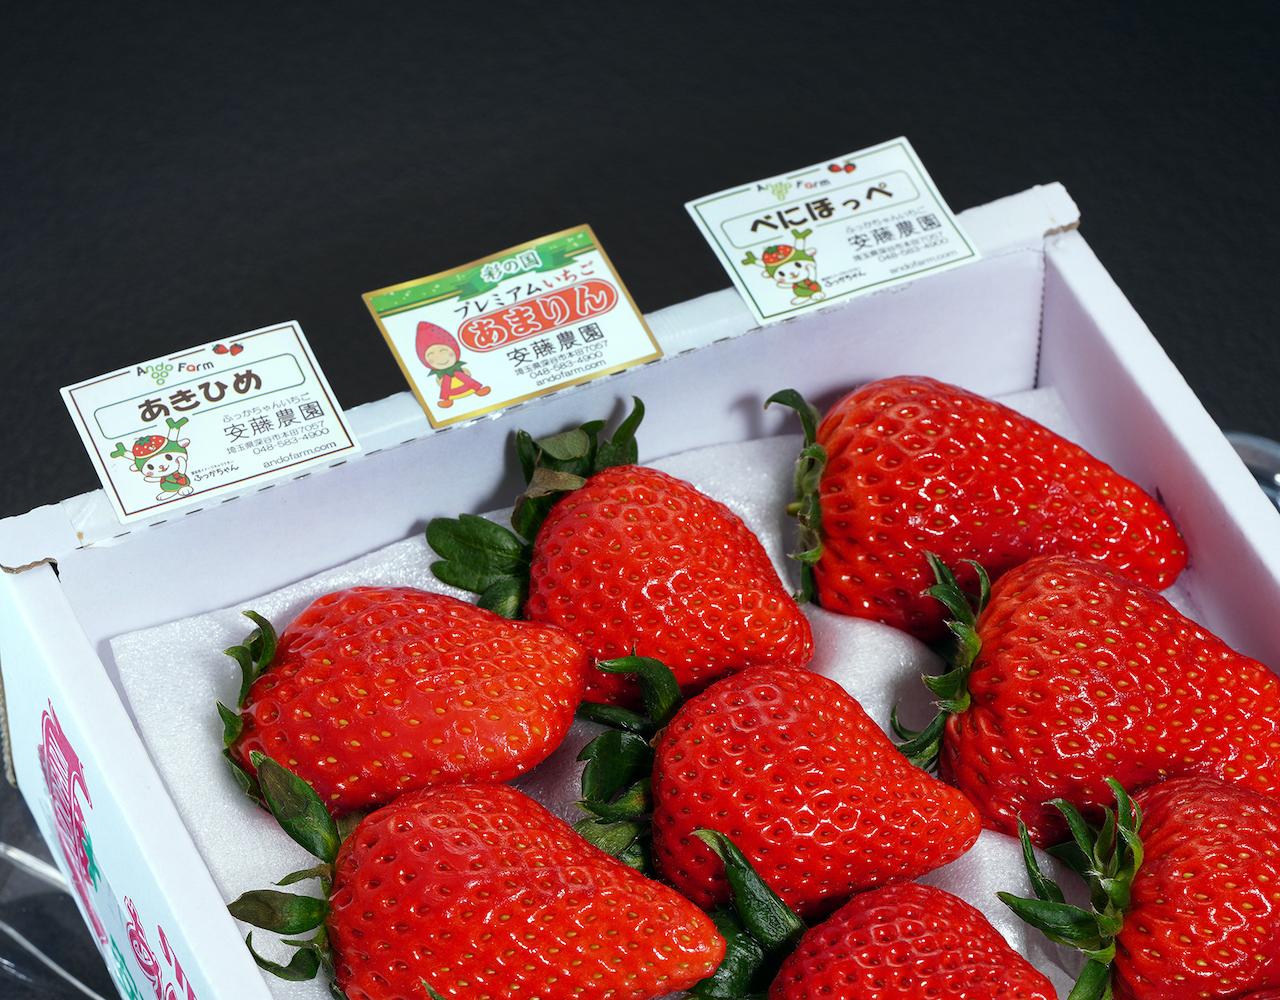 埼玉県 安藤農園の市場流通が難しい完熟いちご3種セット